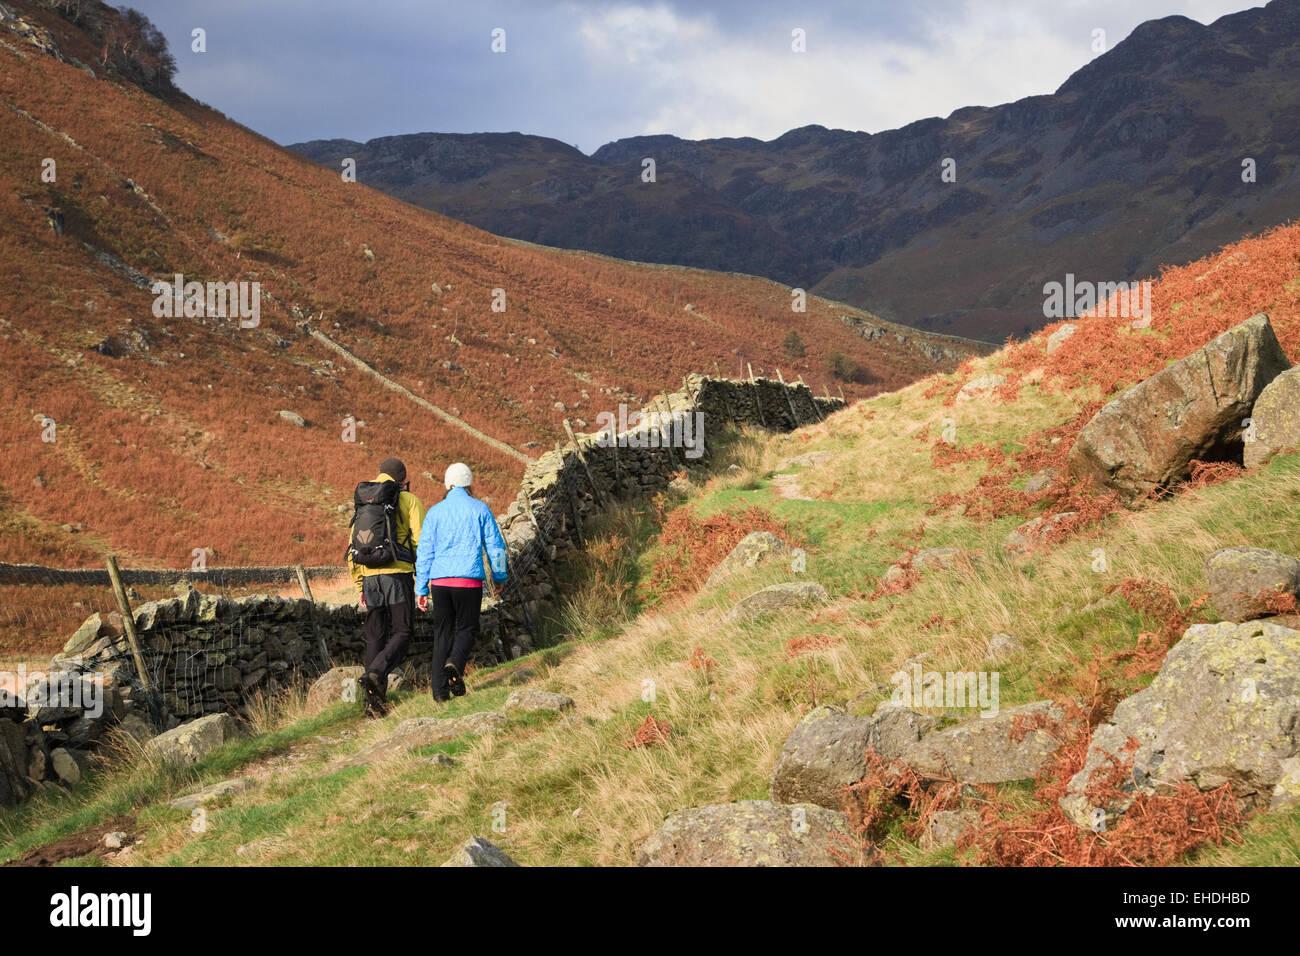 Dos personas caminando en Cumbria camino trazado a través Langstrath Valley, en el norte de Lake District, Imagen De Stock